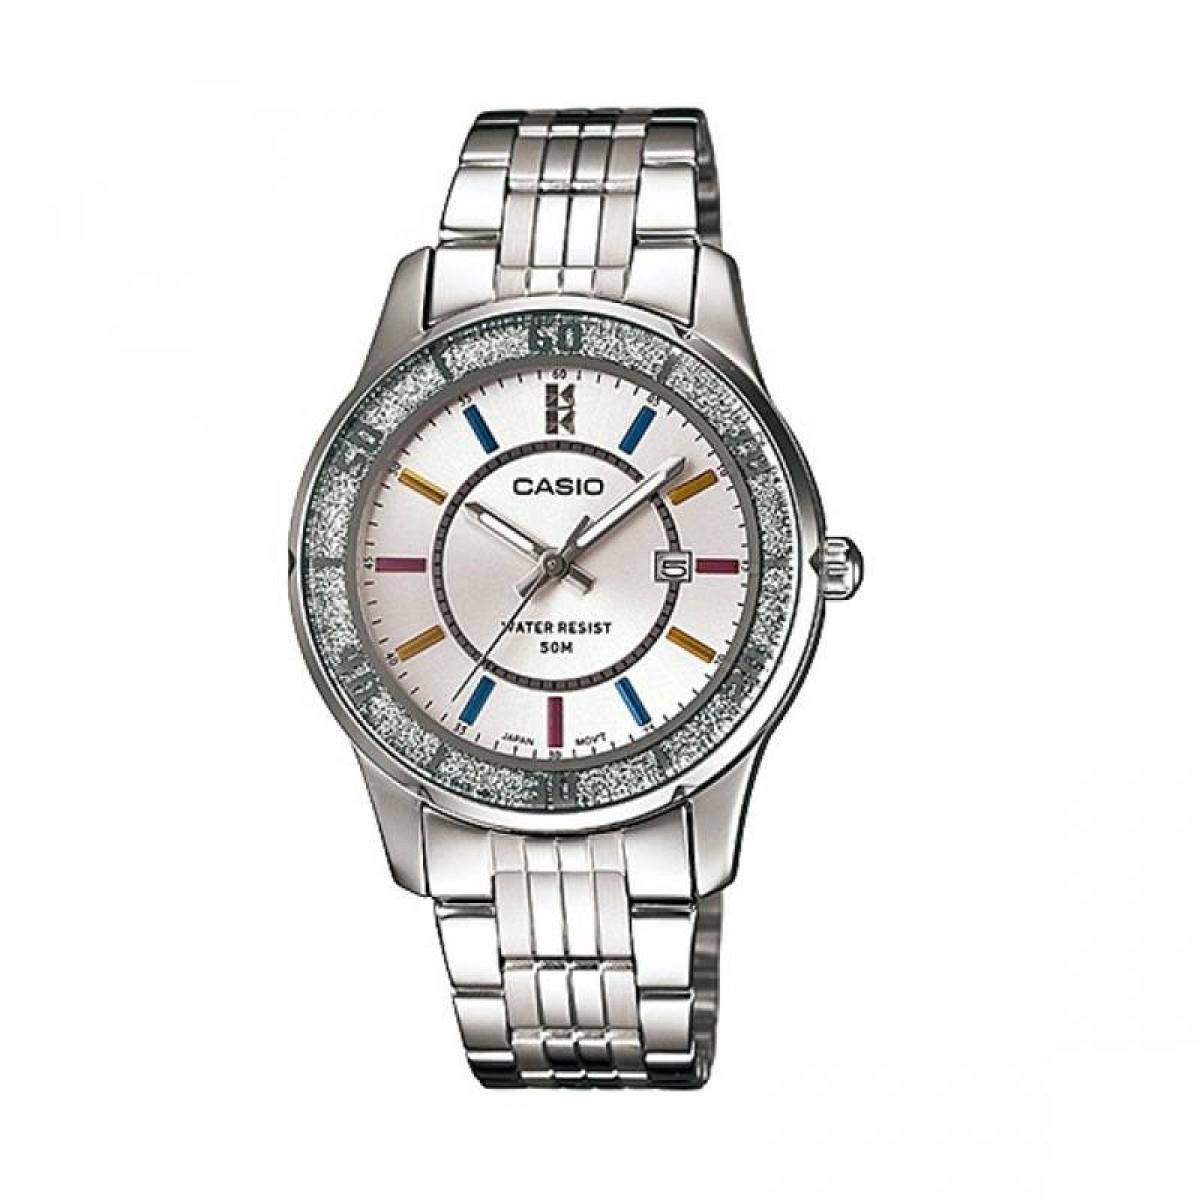 Часовник Casio LTP-1358D-7AV